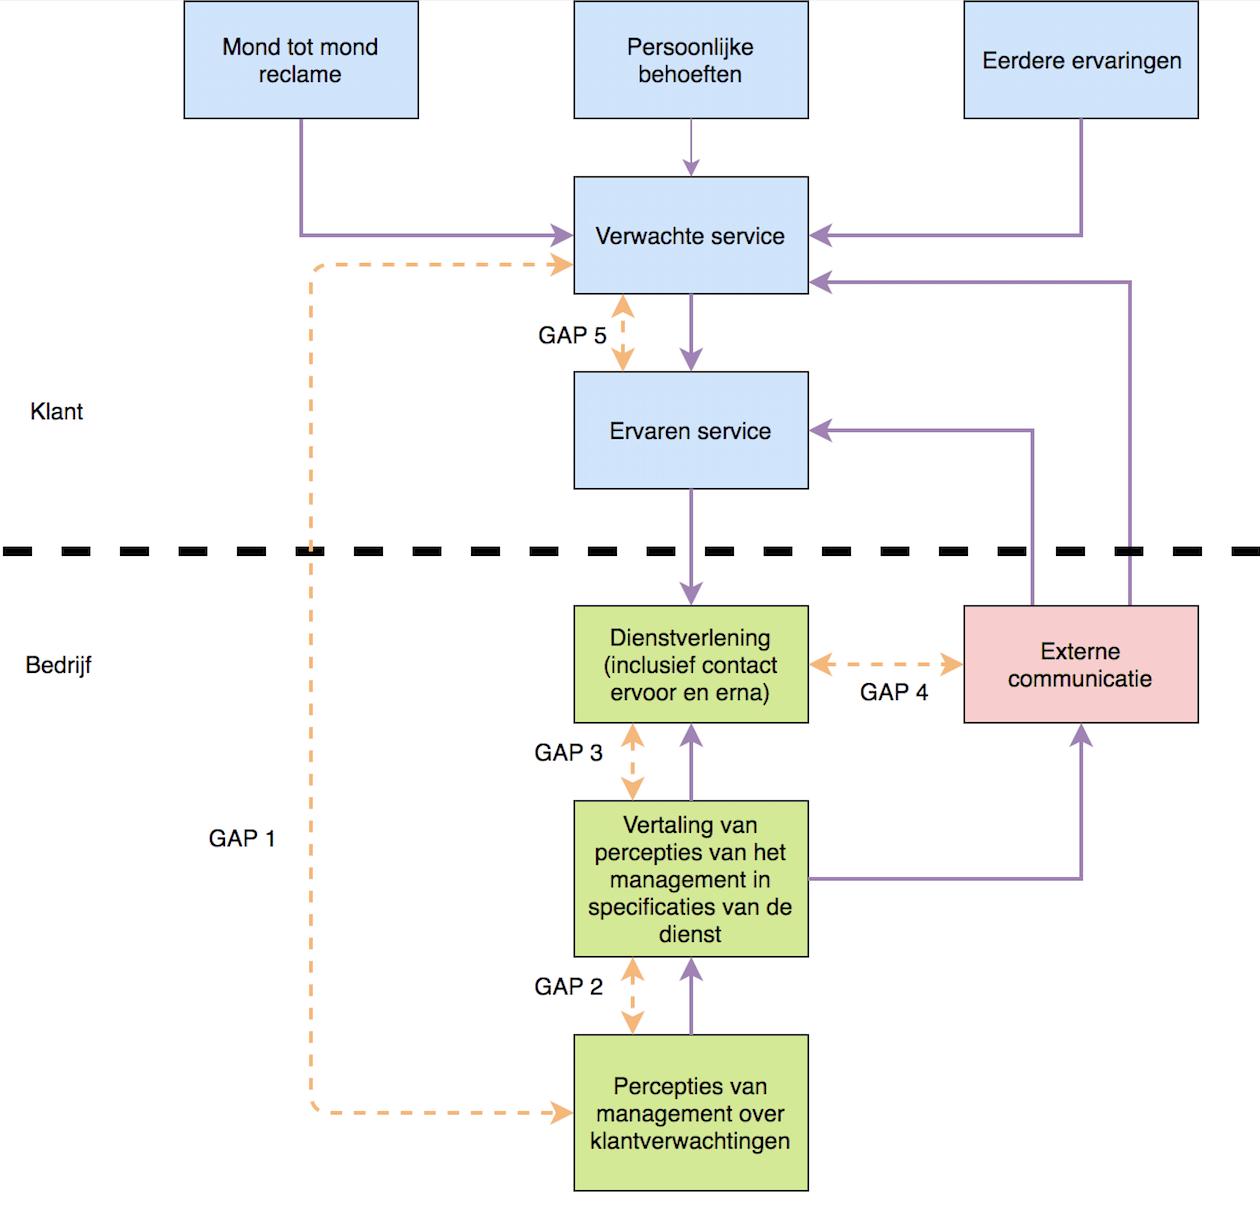 SERVQUAL model voor het meten van kwaliteit van diensten